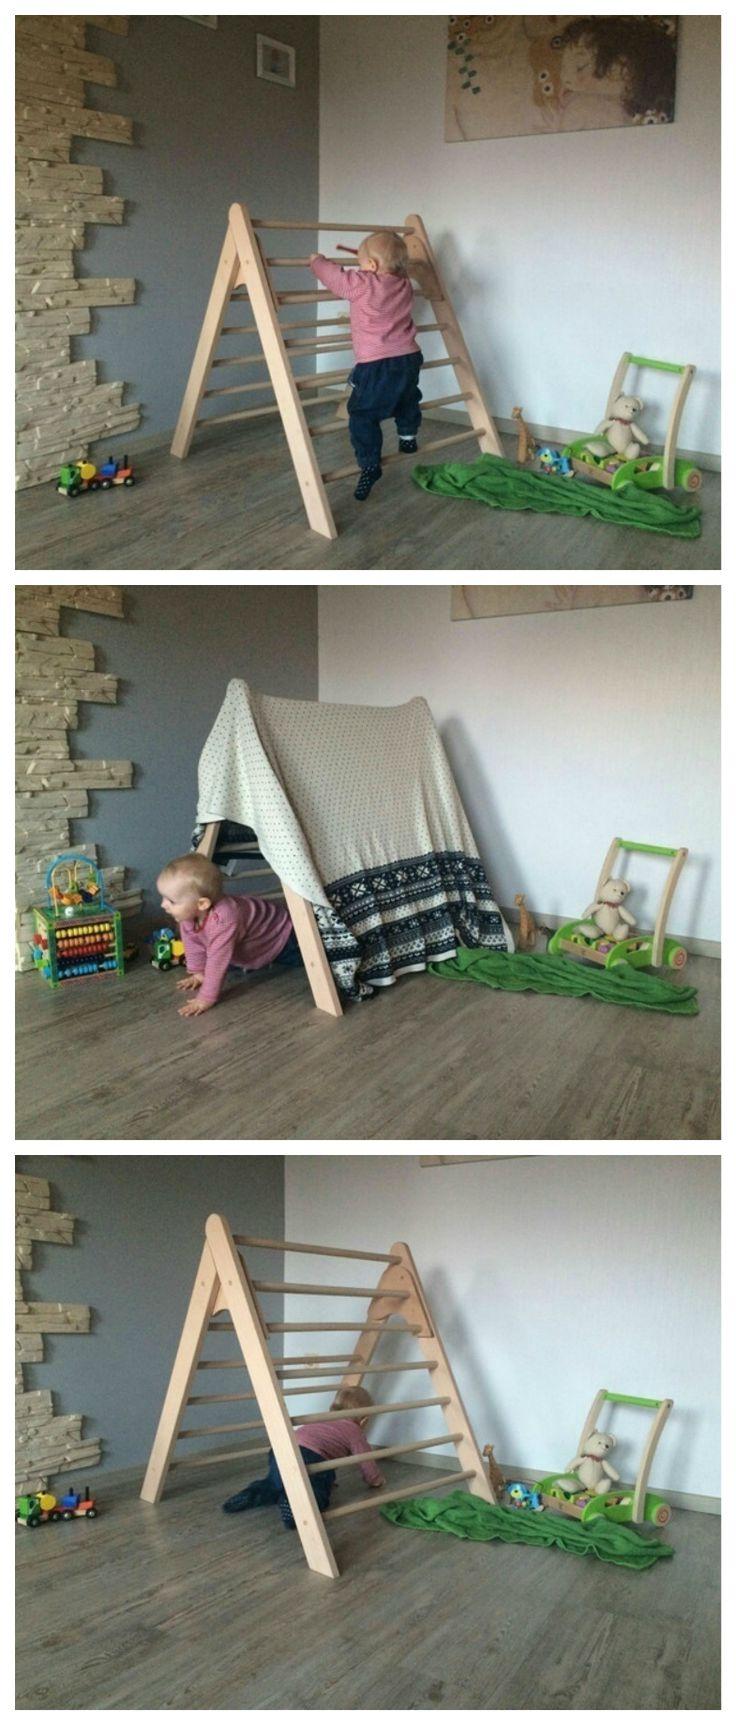 Kletterdreieck von Emmi Pikler entwickelt, Spielgerät für Kinder / wooden climbing gym for kids made by KlapperSpecht via DaWanda.com